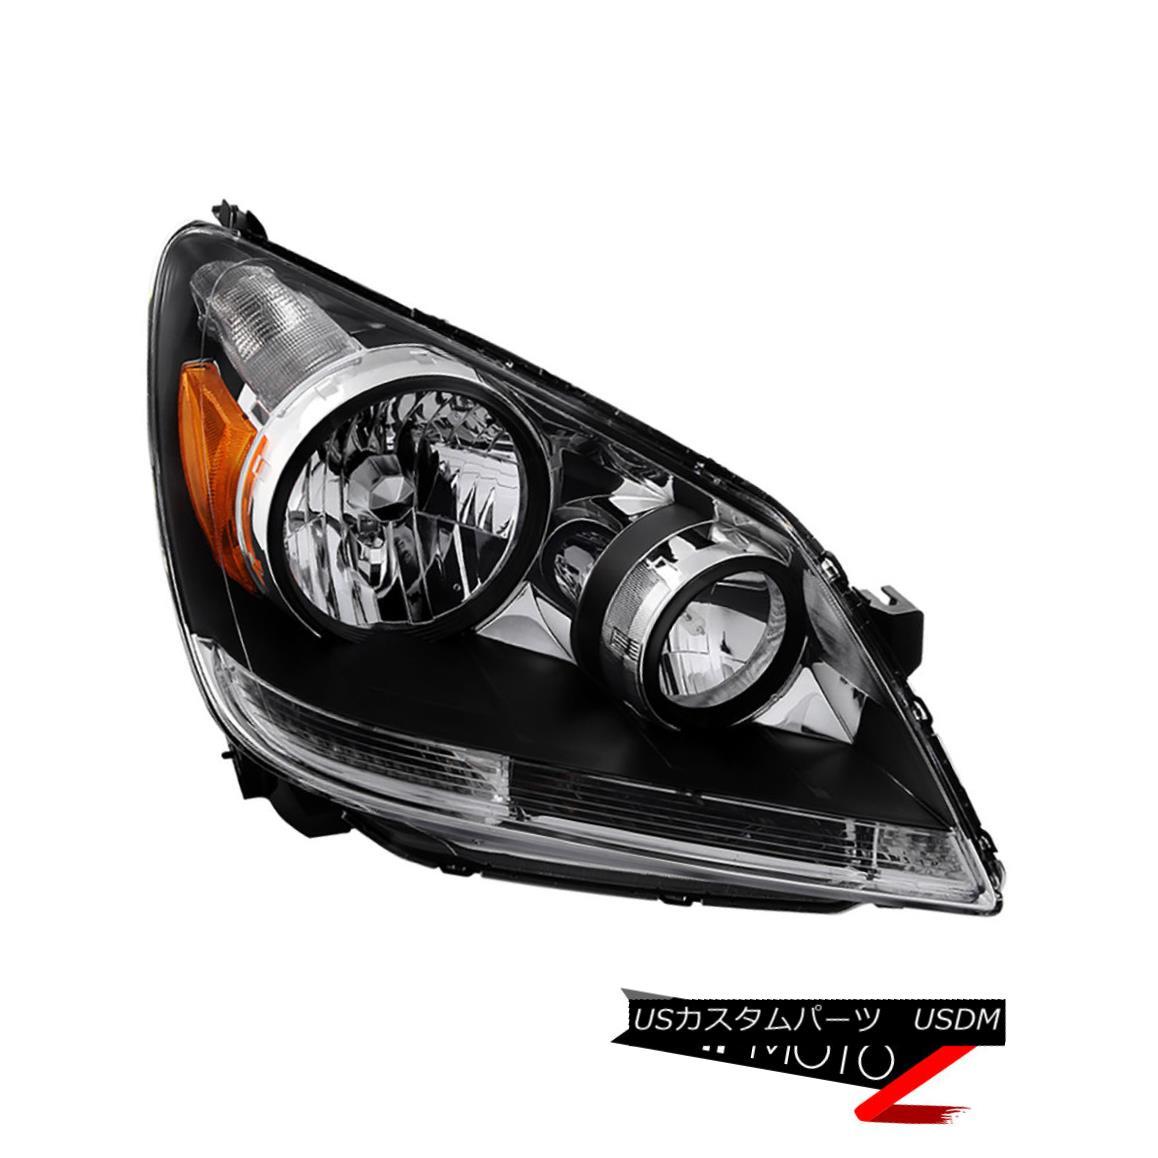 ヘッドライト 2005-2007 Honda Odyssey [Passenger Side] Factory Style Headlamp Light Right Hand 2005 - 2007ホンダオデッセイ[旅客側]工場スタイルヘッドランプライト右手